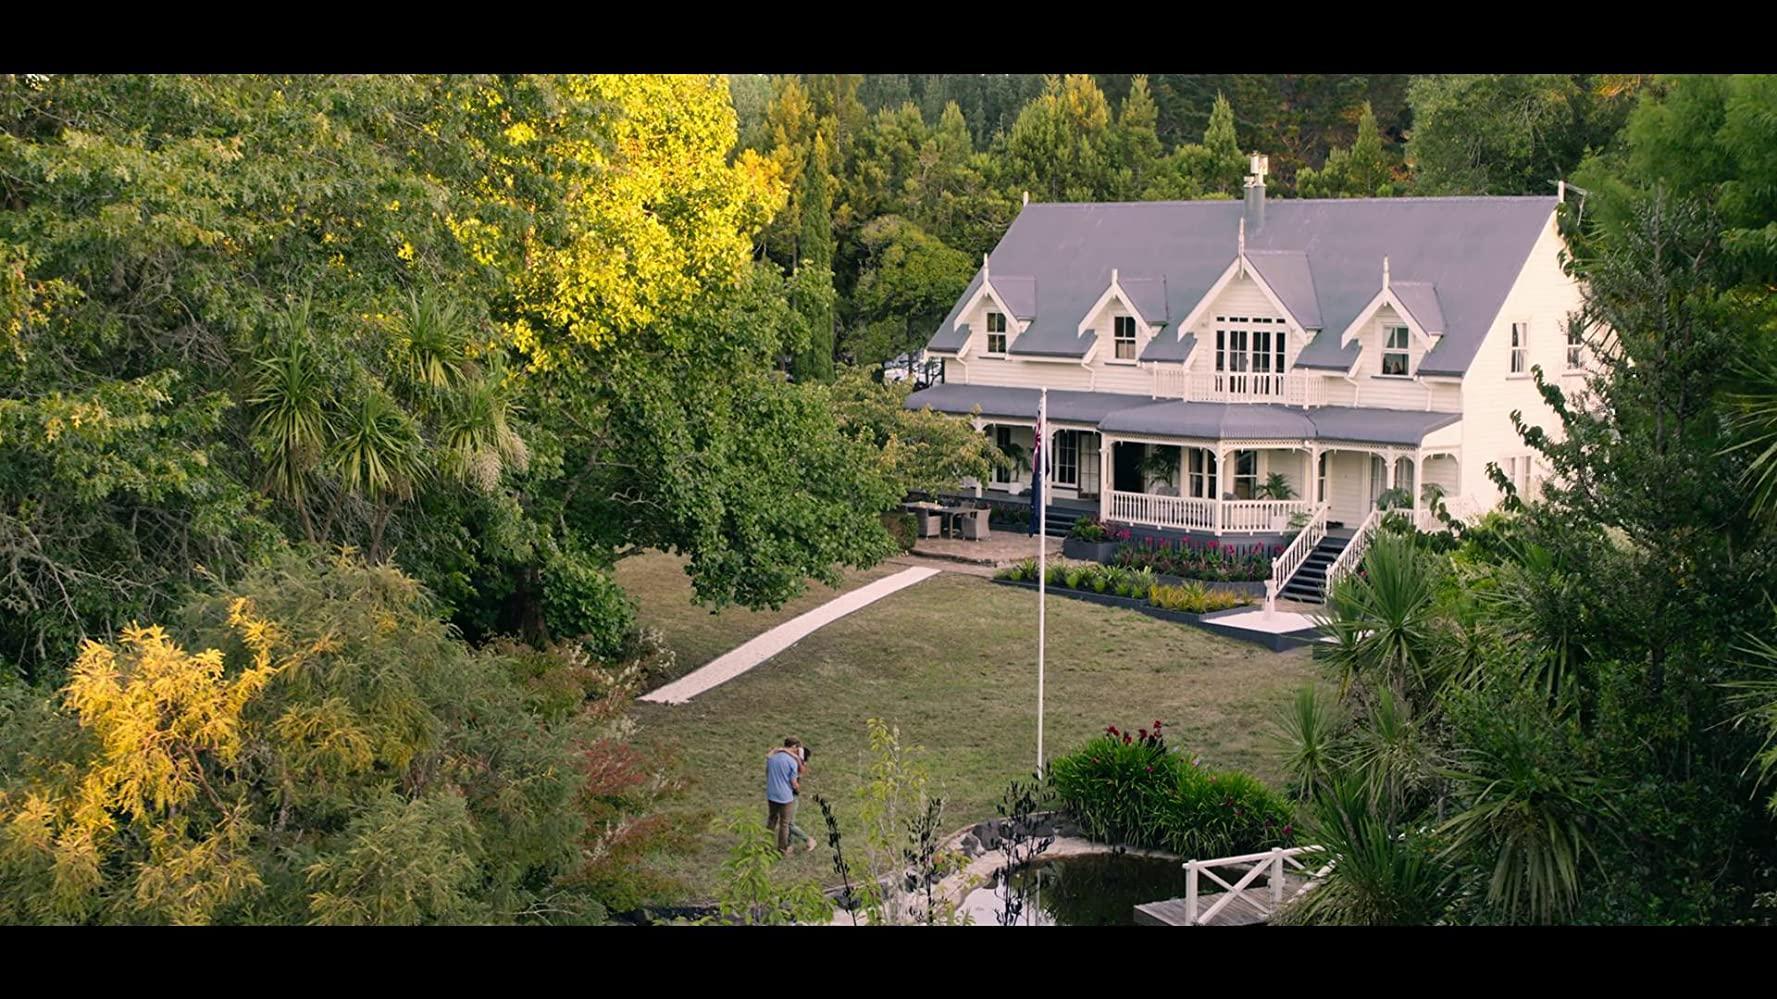 مشاهدة فيلم Falling Inn Love (2019) مترجم HD اون لاين